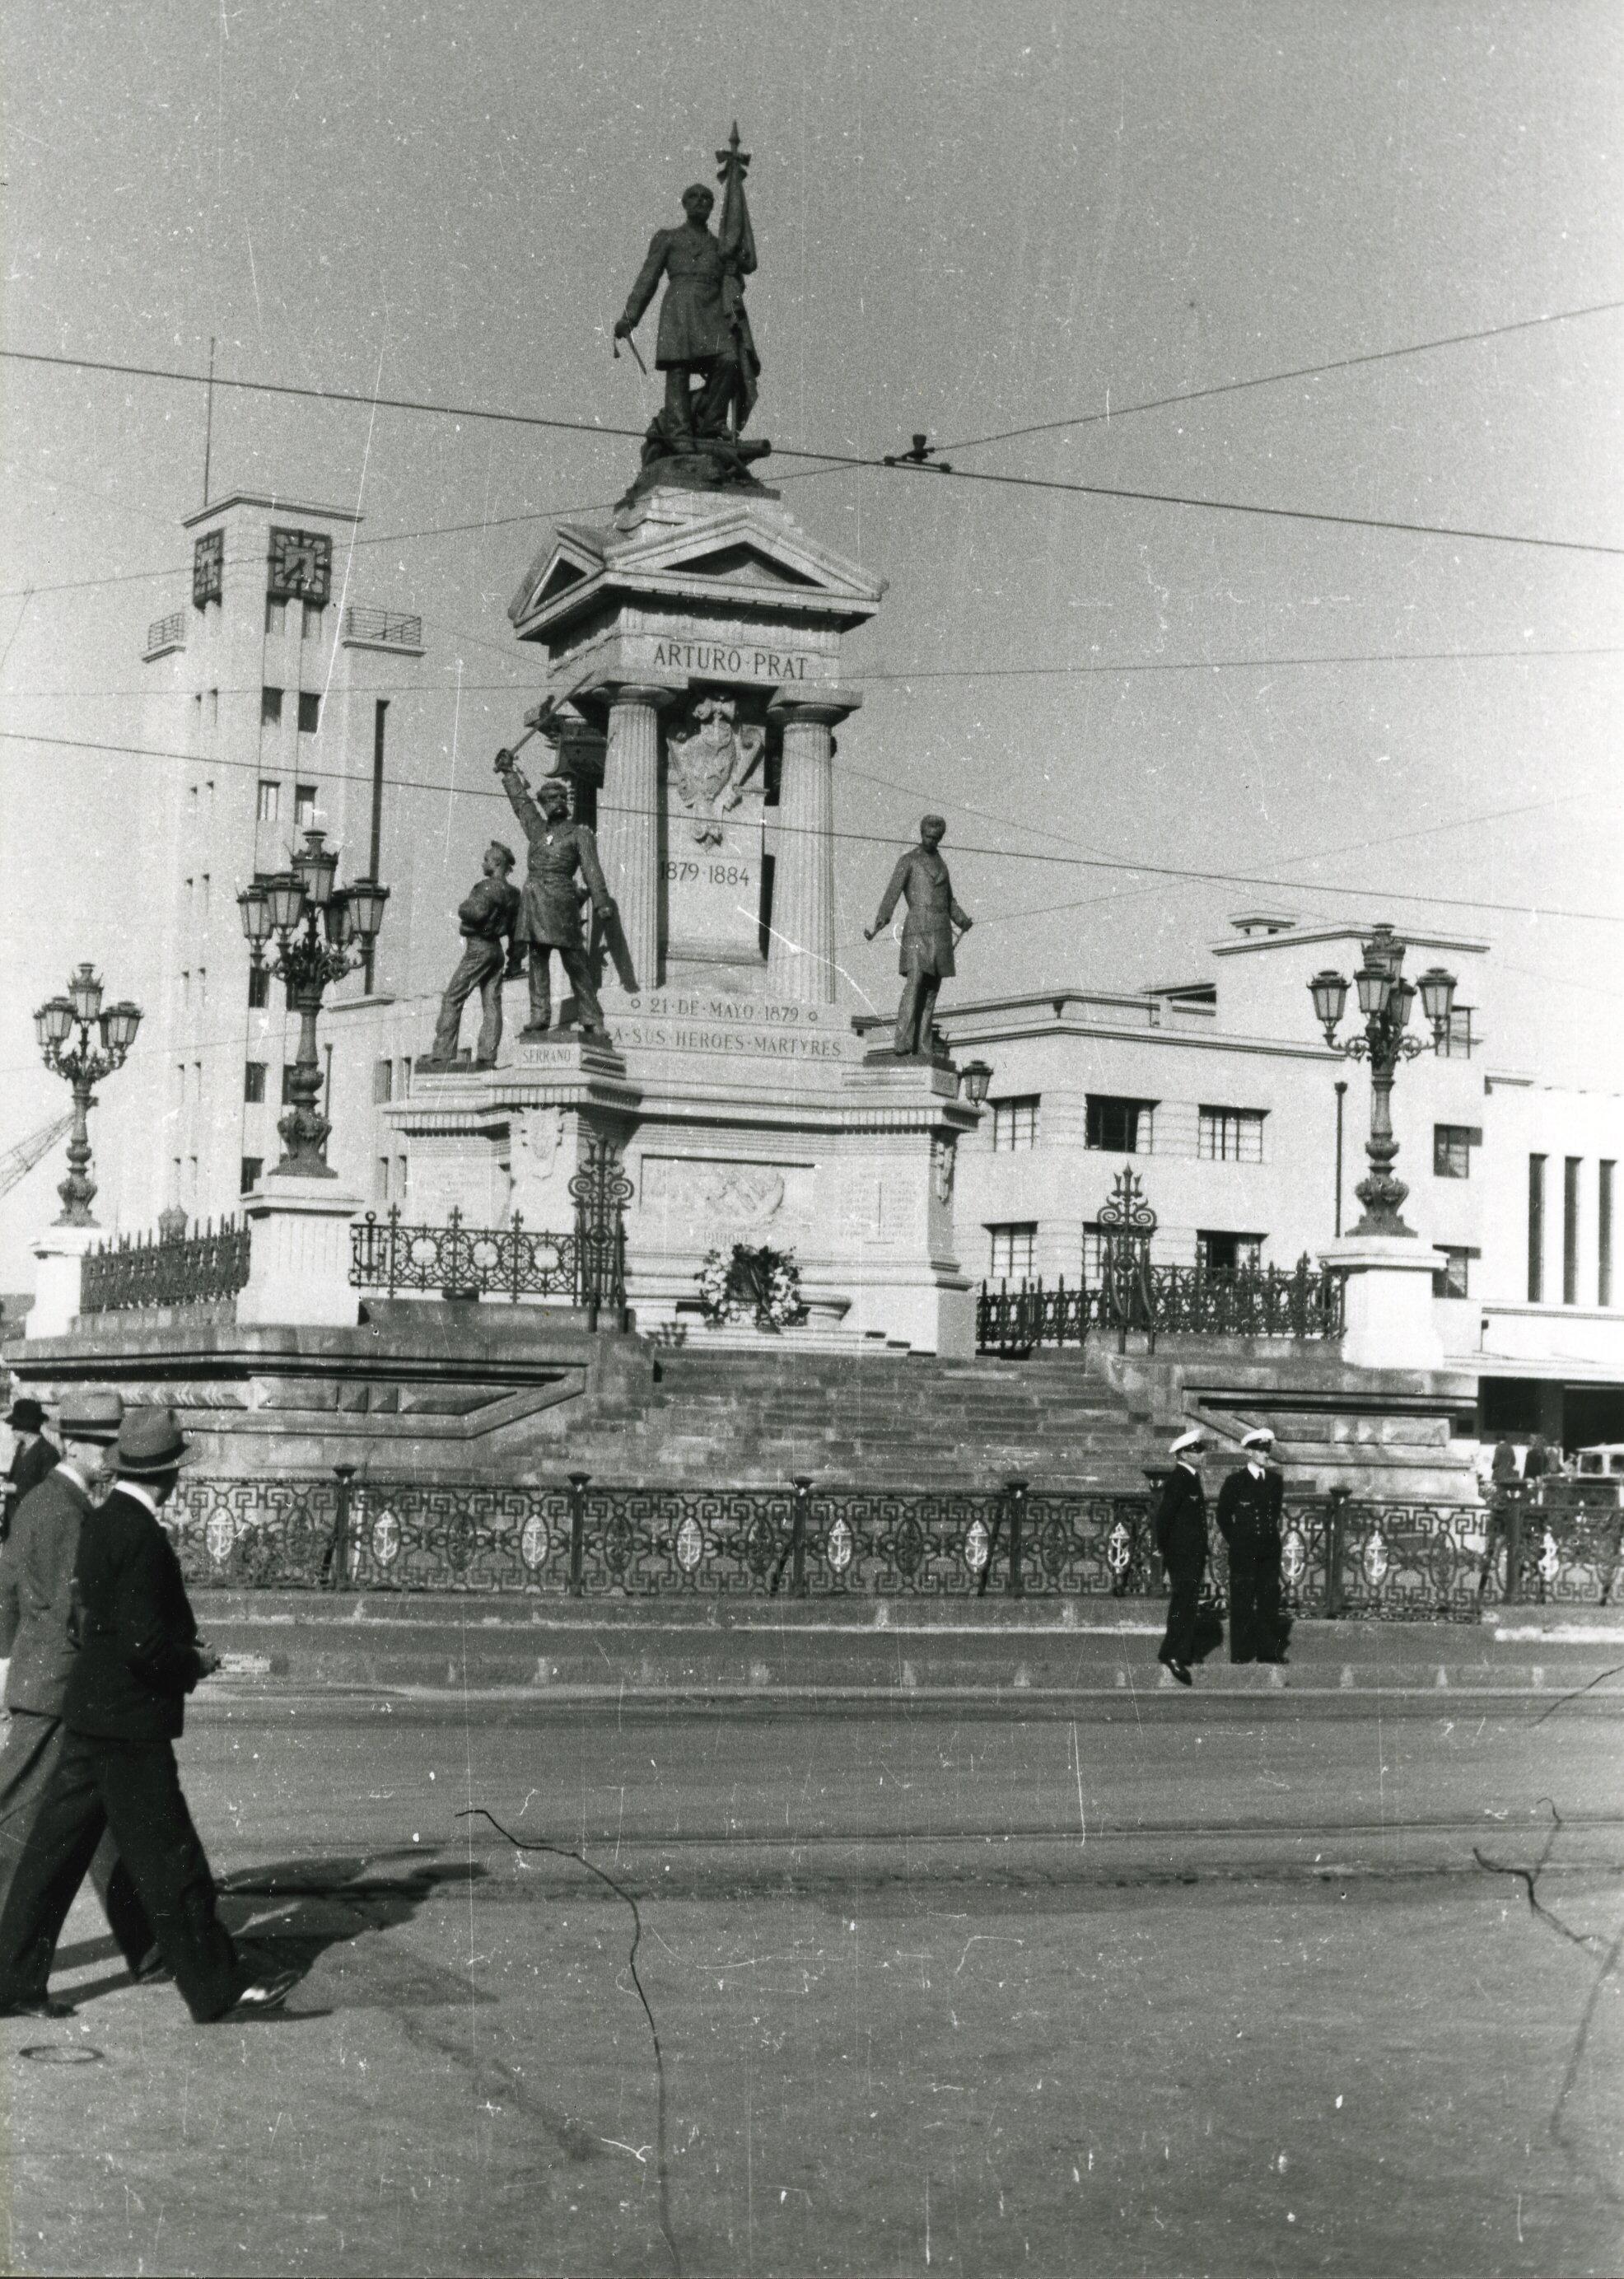 Enterreno - Fotos históricas de chile - fotos antiguas de Chile - Plaza Sotomayor de Valparaíso en 1938